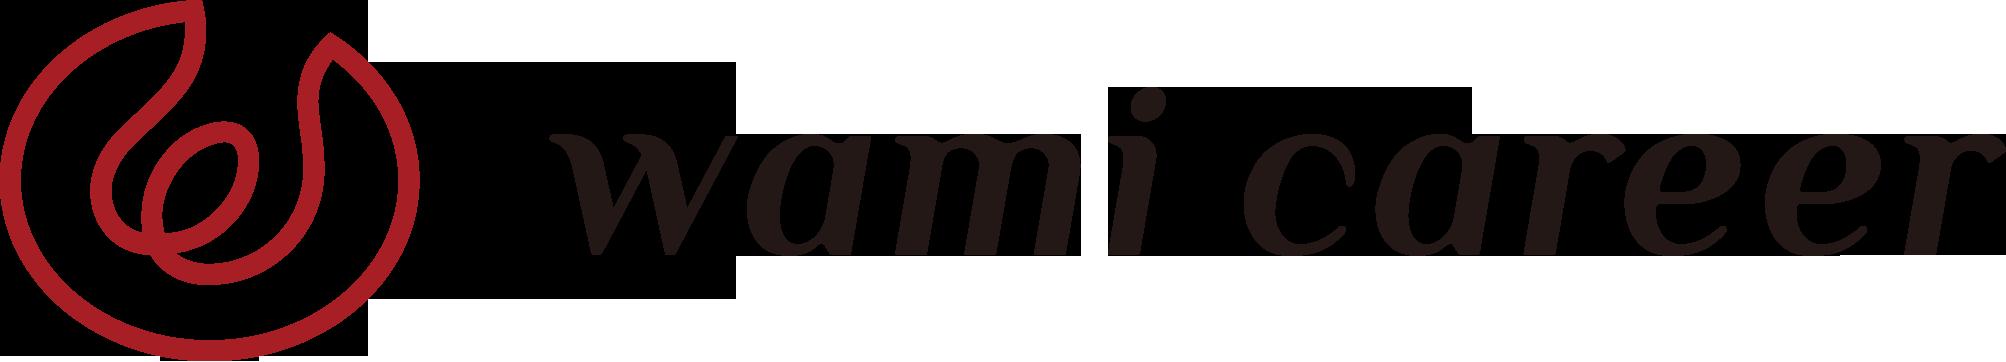 wami career